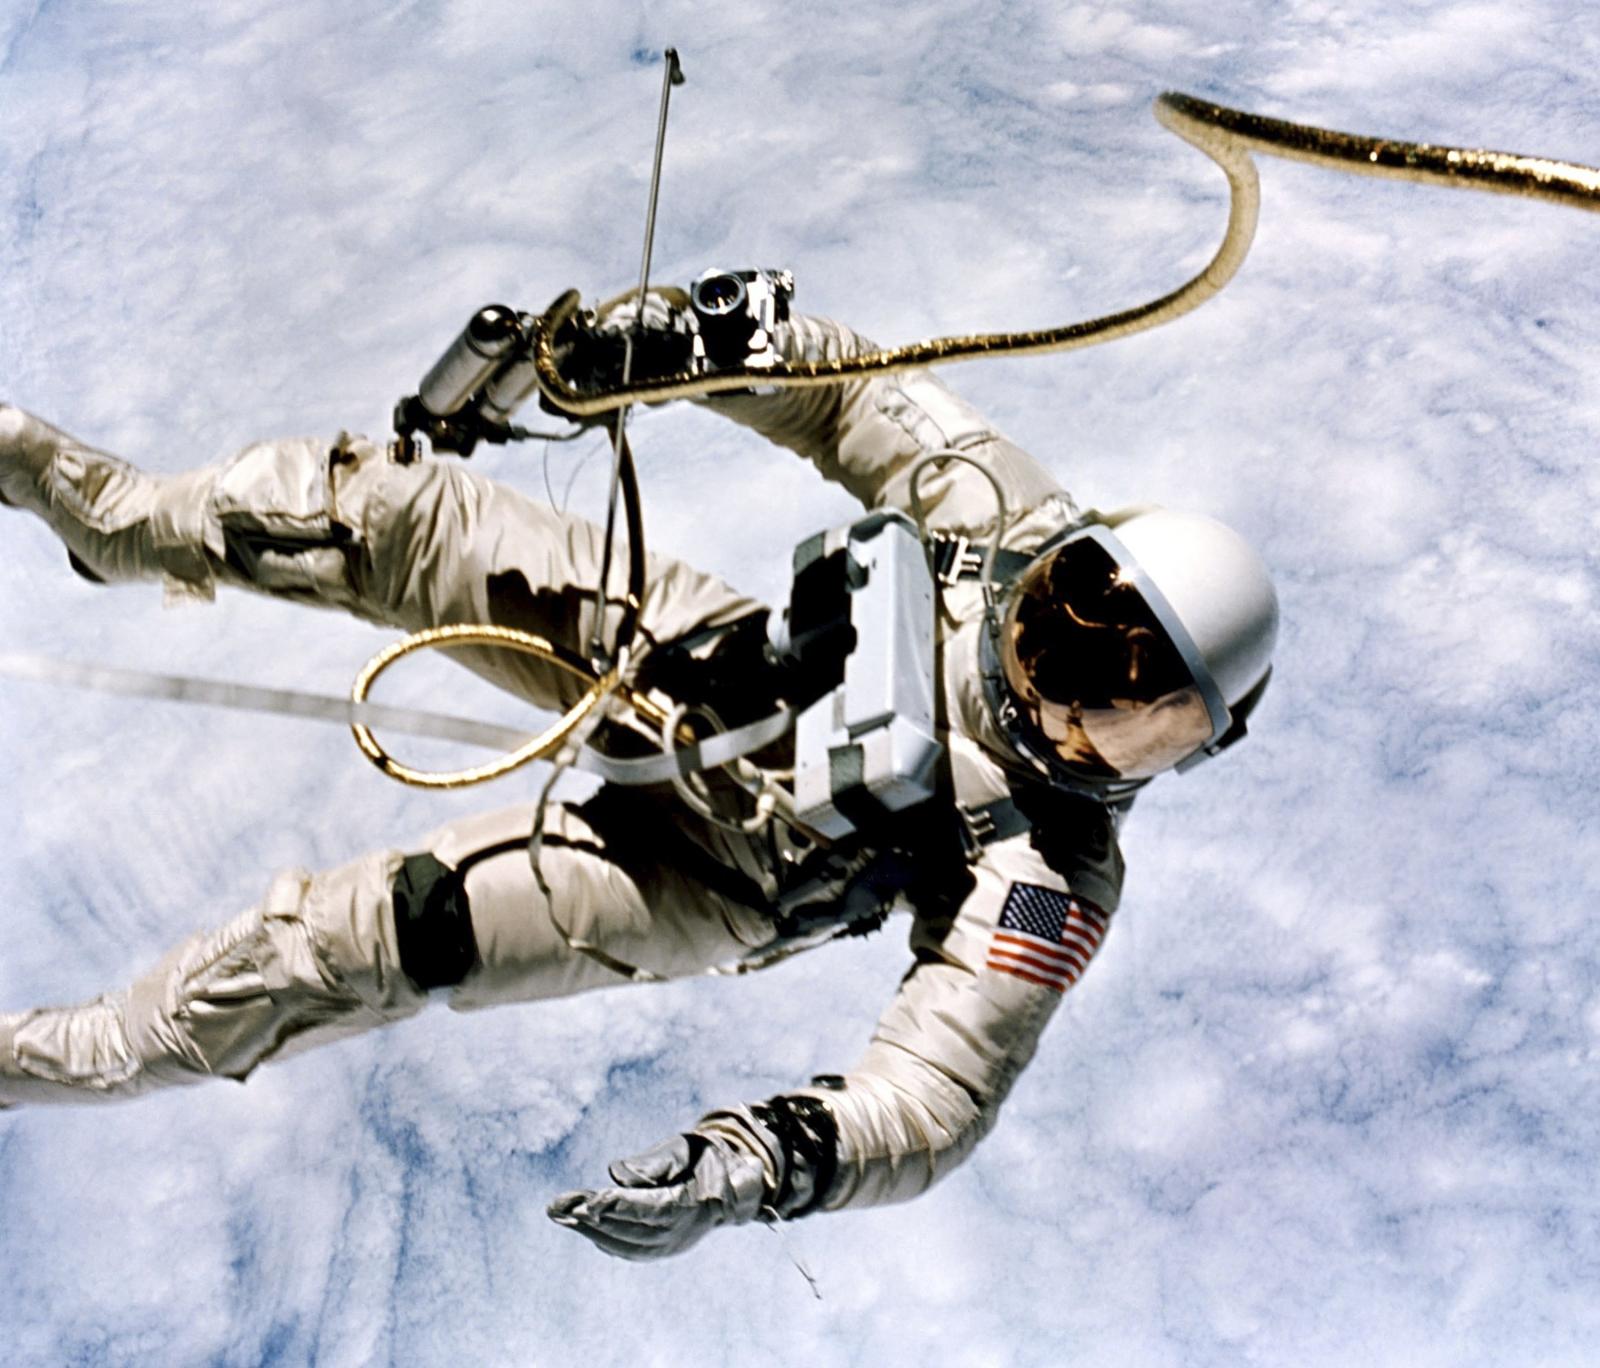 NASA picture